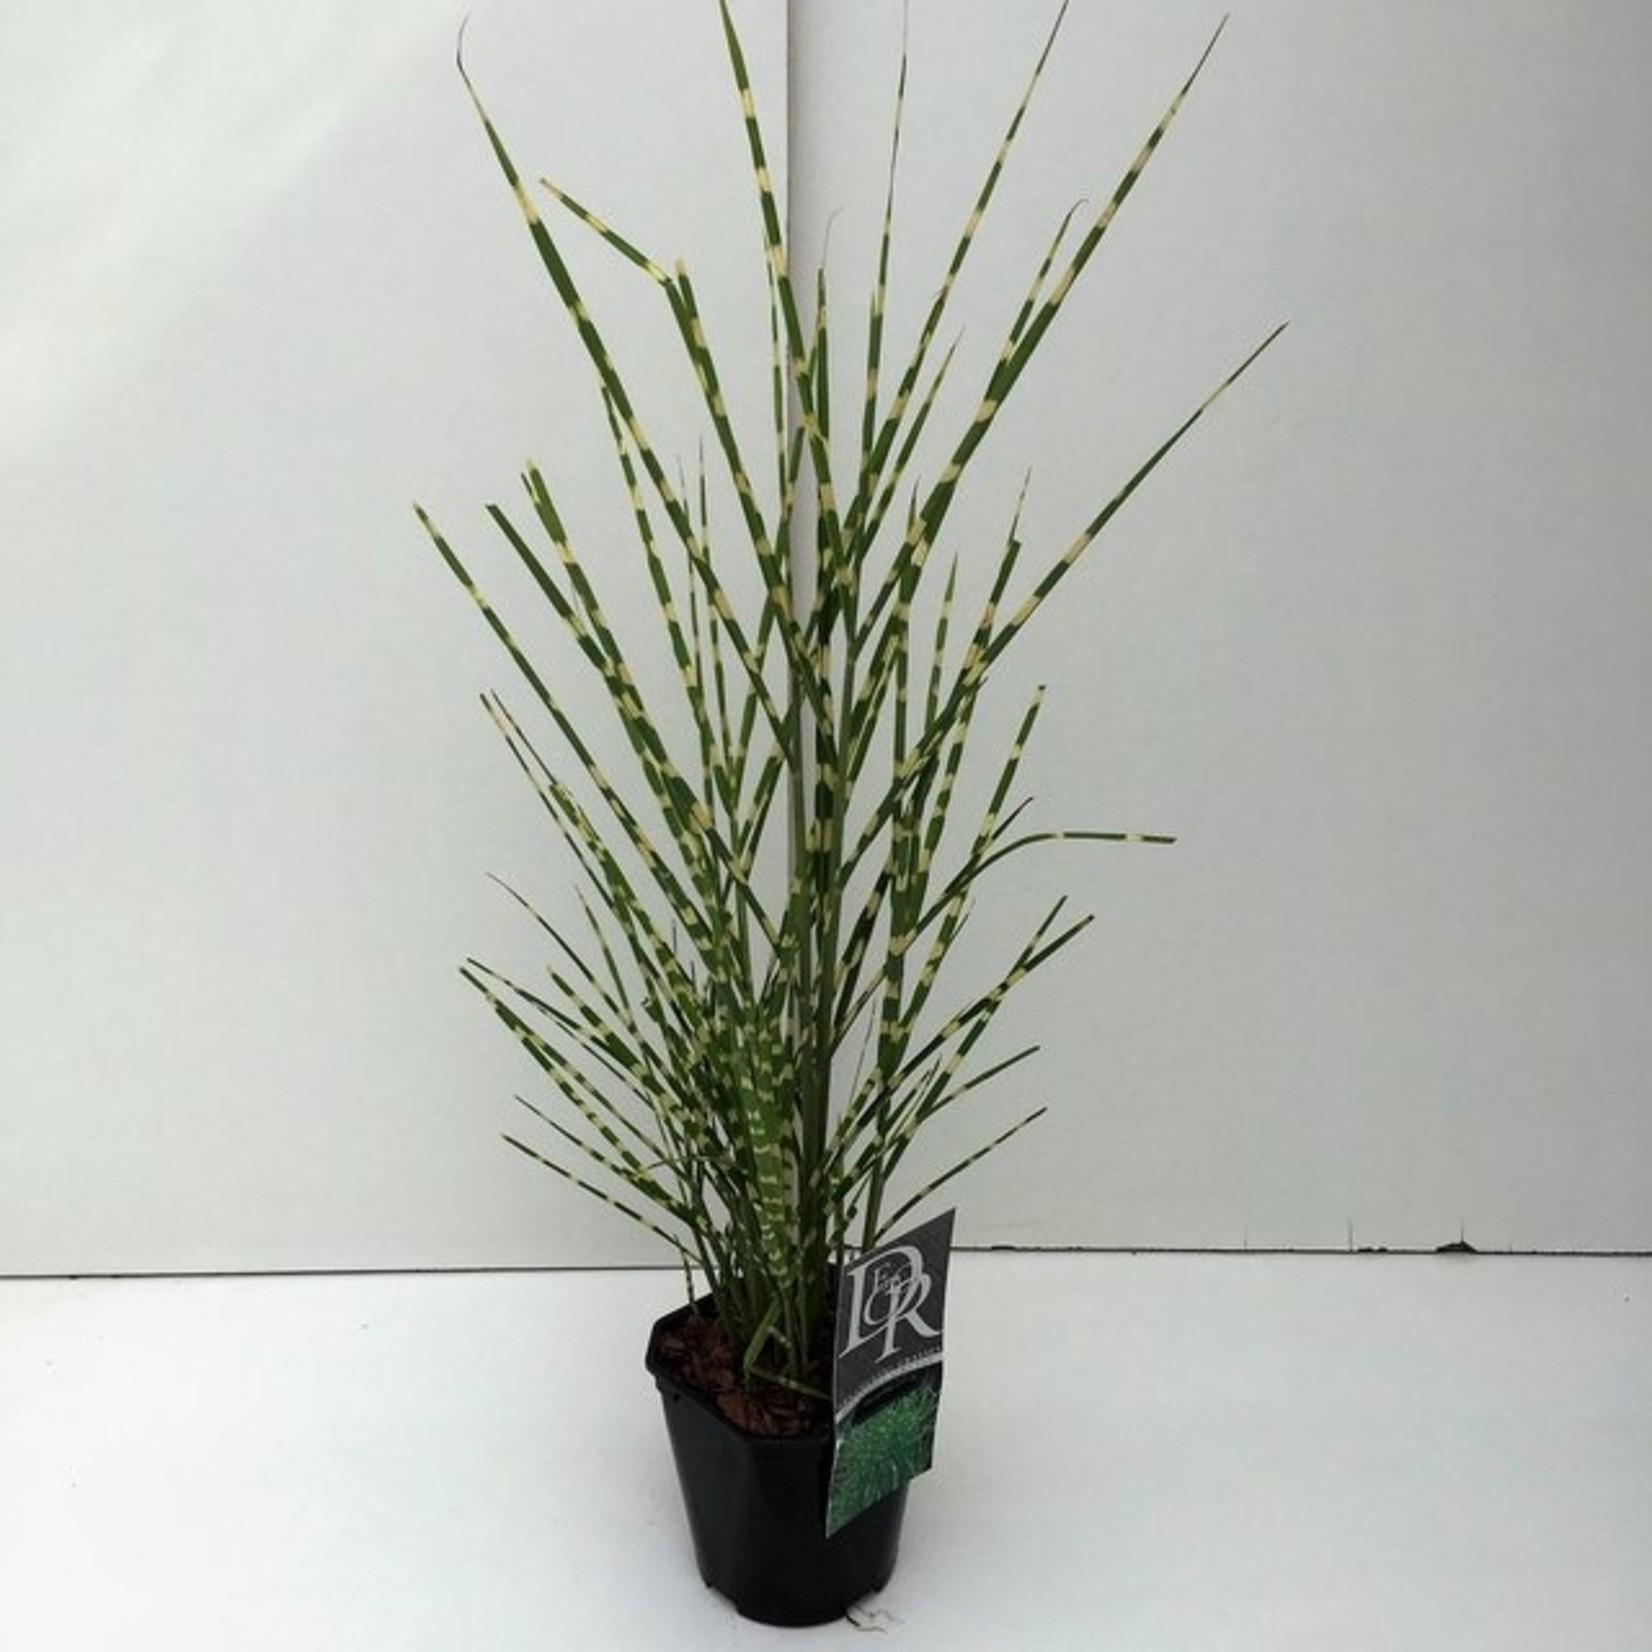 Miscanthus sinensis 'Strictus' (Prachtriet)